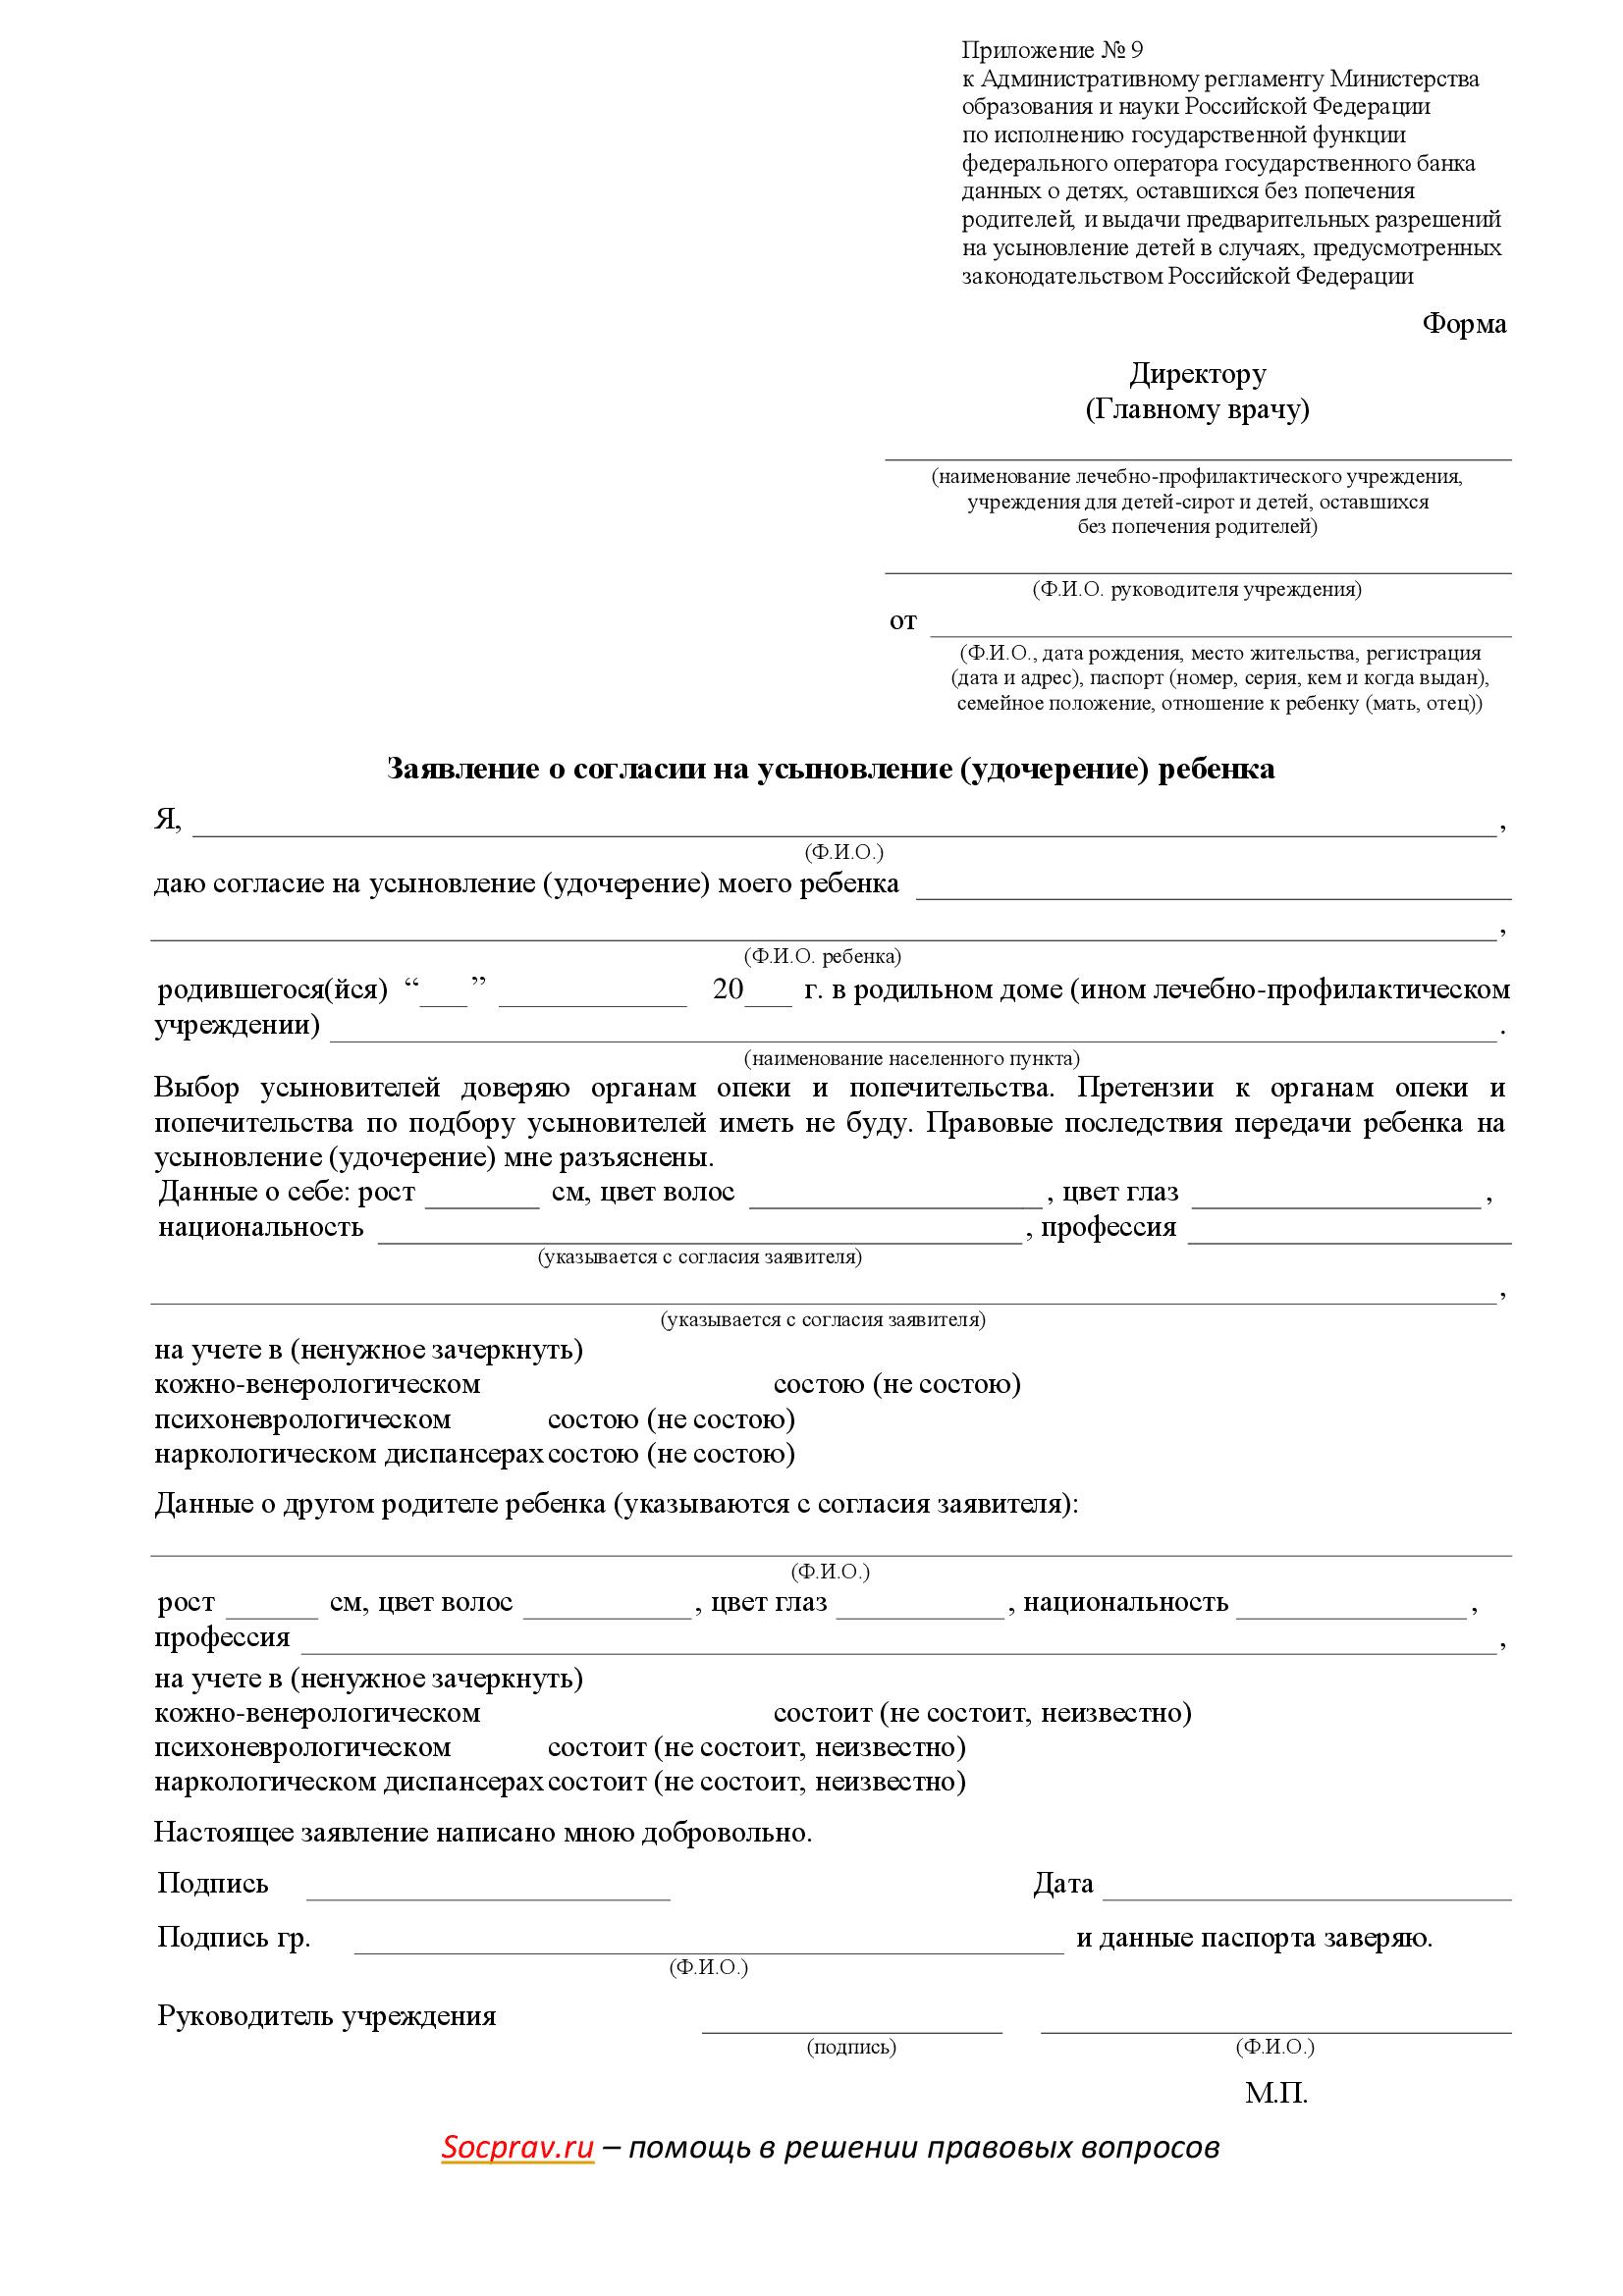 Заявление о согласии на усыновление ребенка